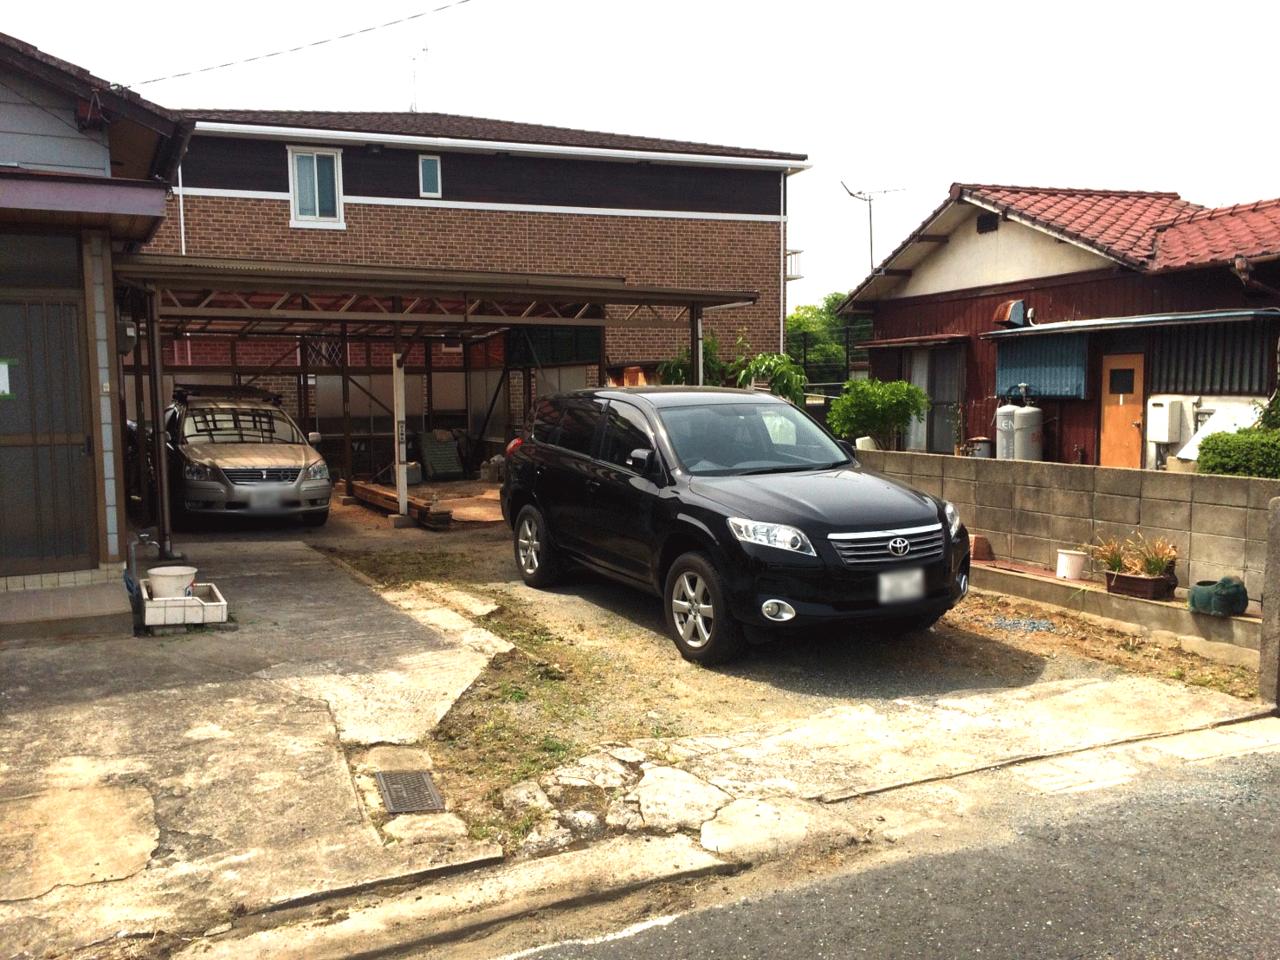 駐車場は4台以上停められます♪2台分は屋根付きです♪◆小倉南区北方駐車スペース4台分の戸建て住宅♪